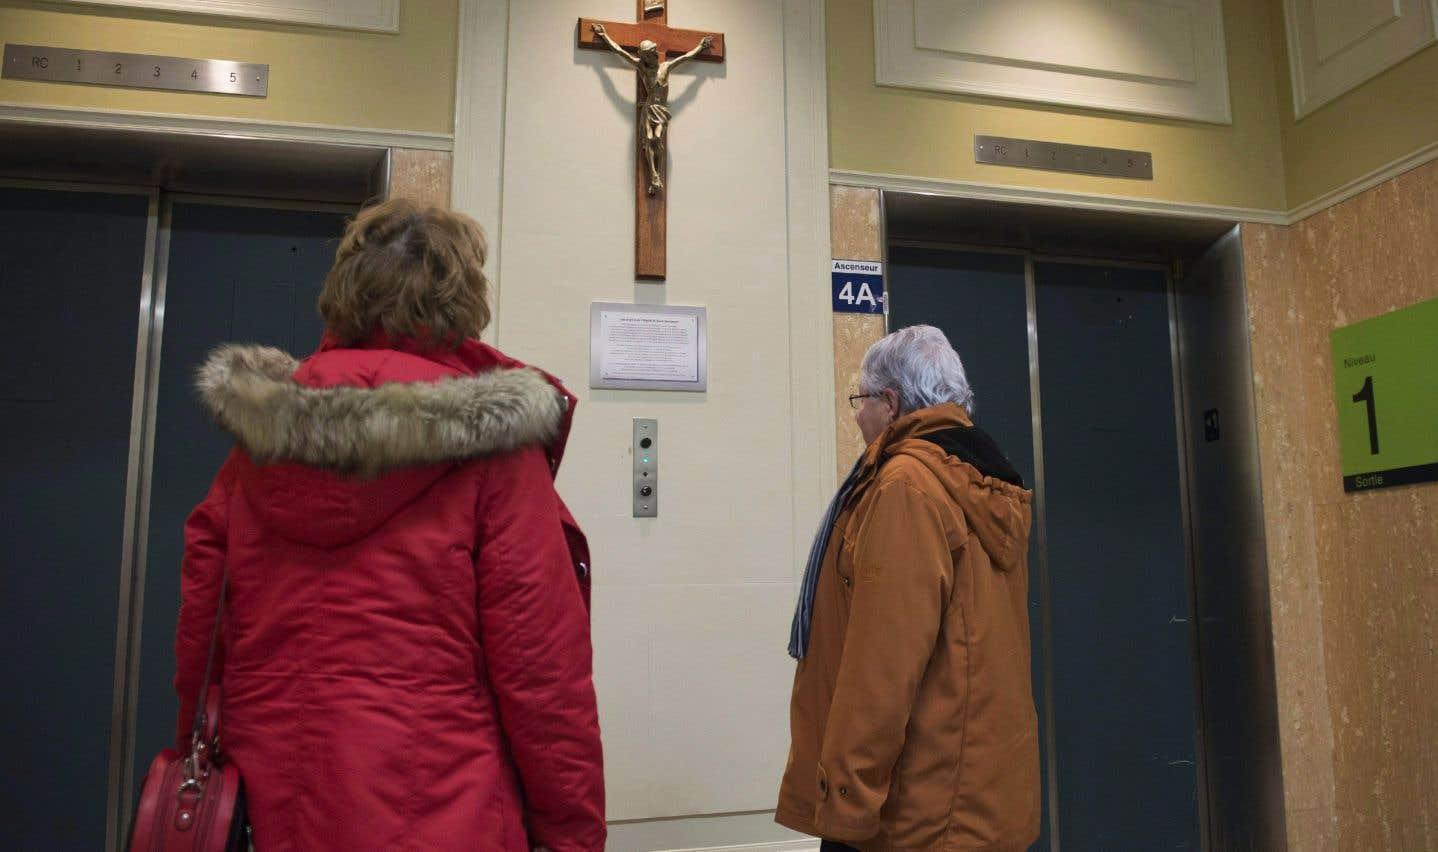 Le projet de loi no 62 sur la neutralité religieuse doit refléter l'état du droit